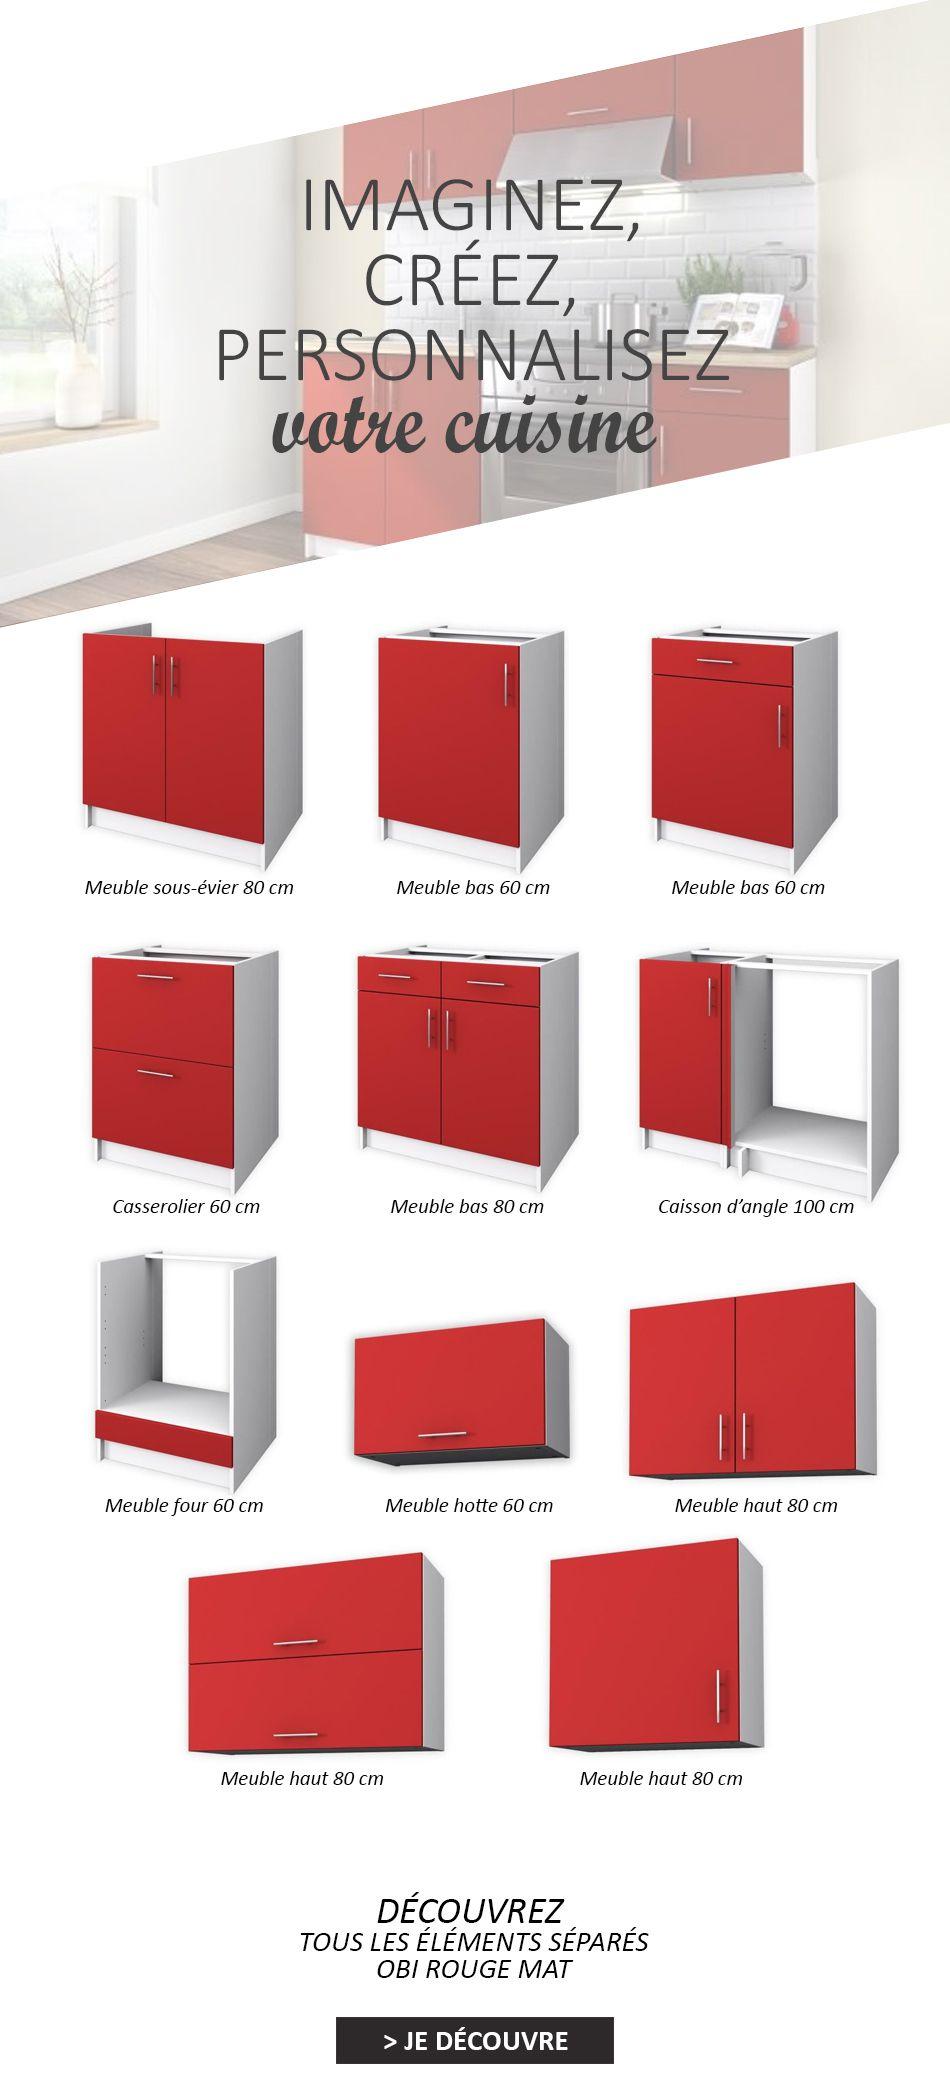 OBI Meuble four L 11 cm - Rouge mat - Achat / Vente elements bas